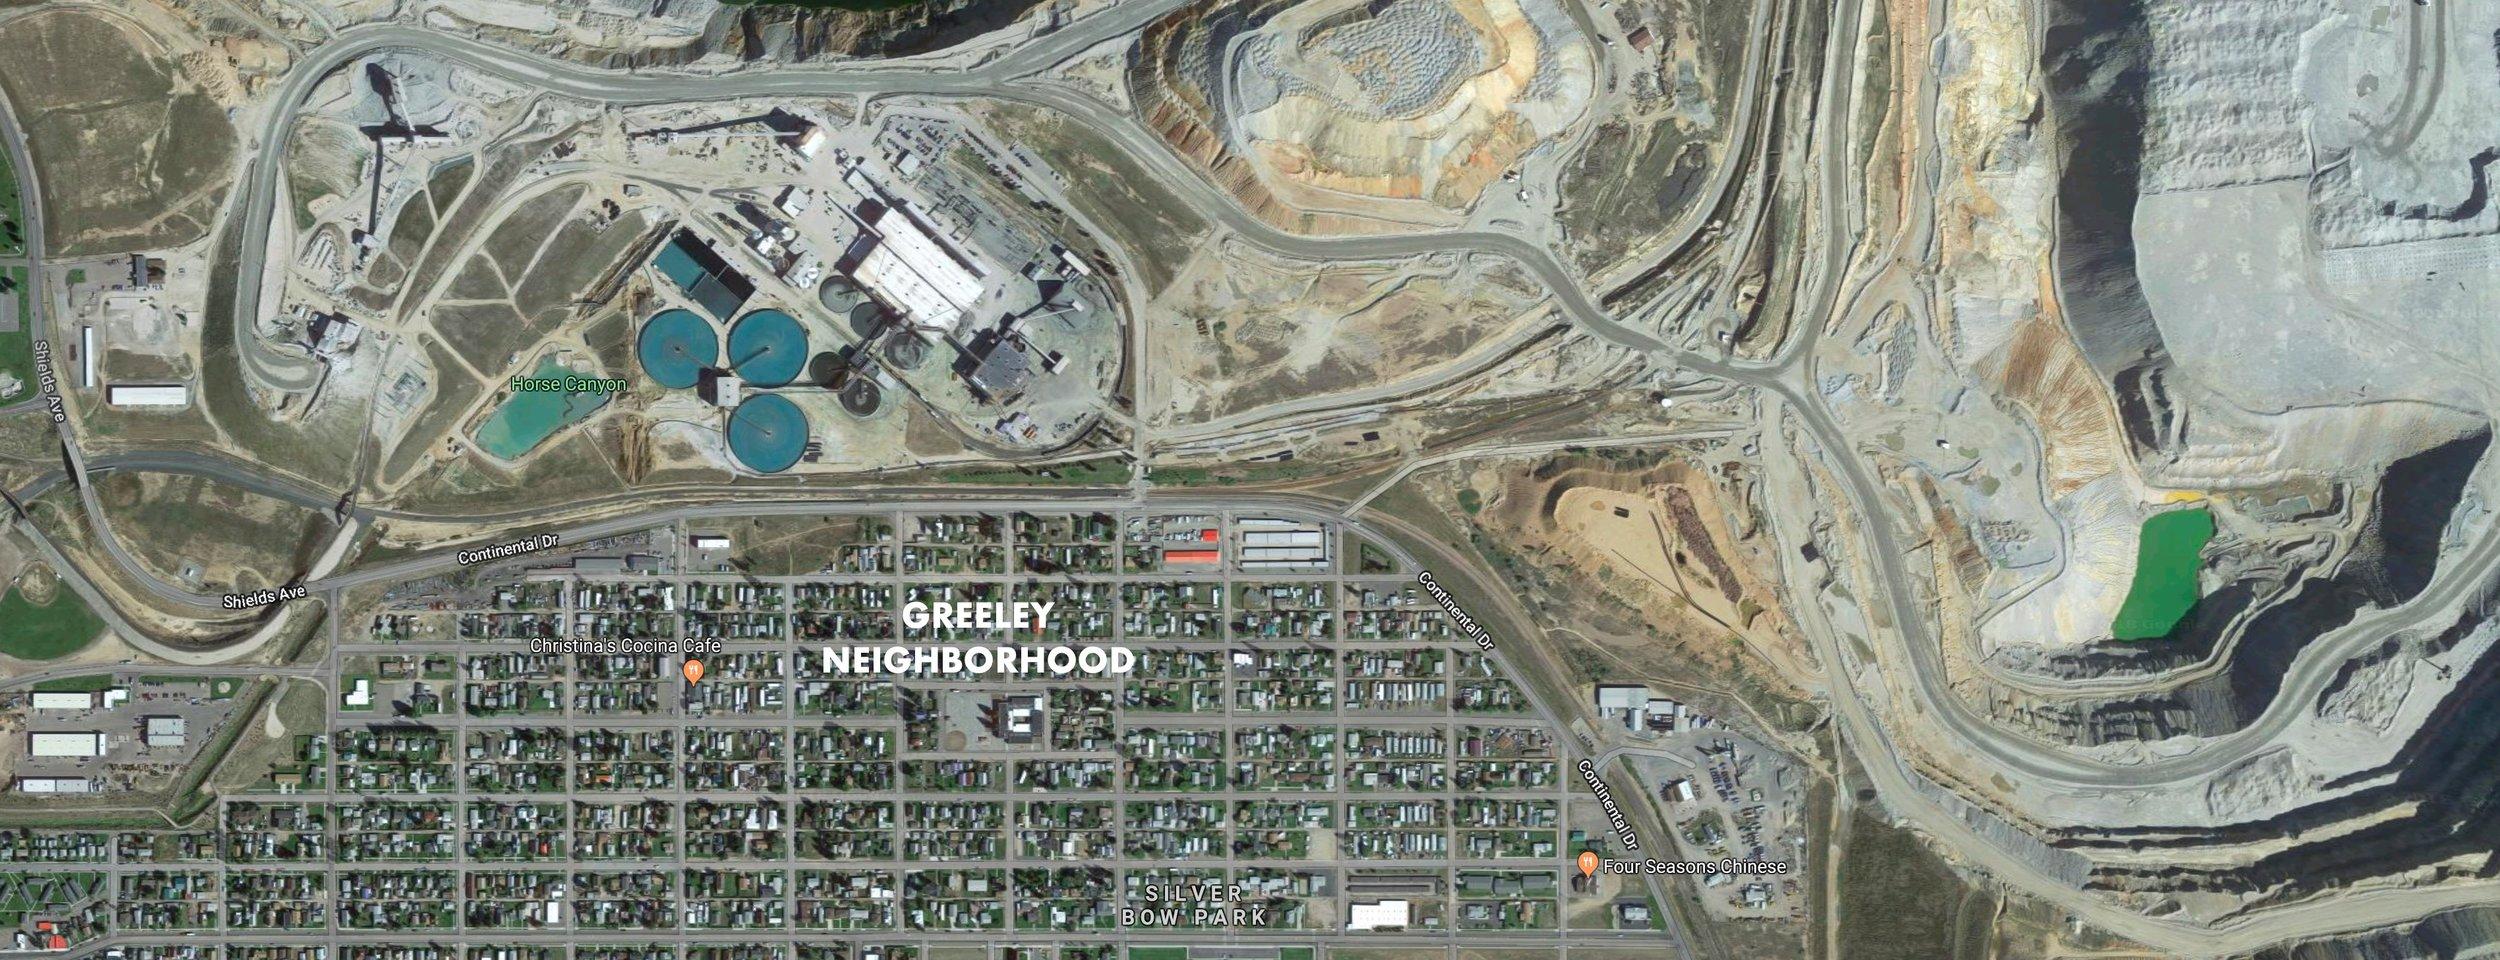 Greeley Neighborhood Overview.jpg